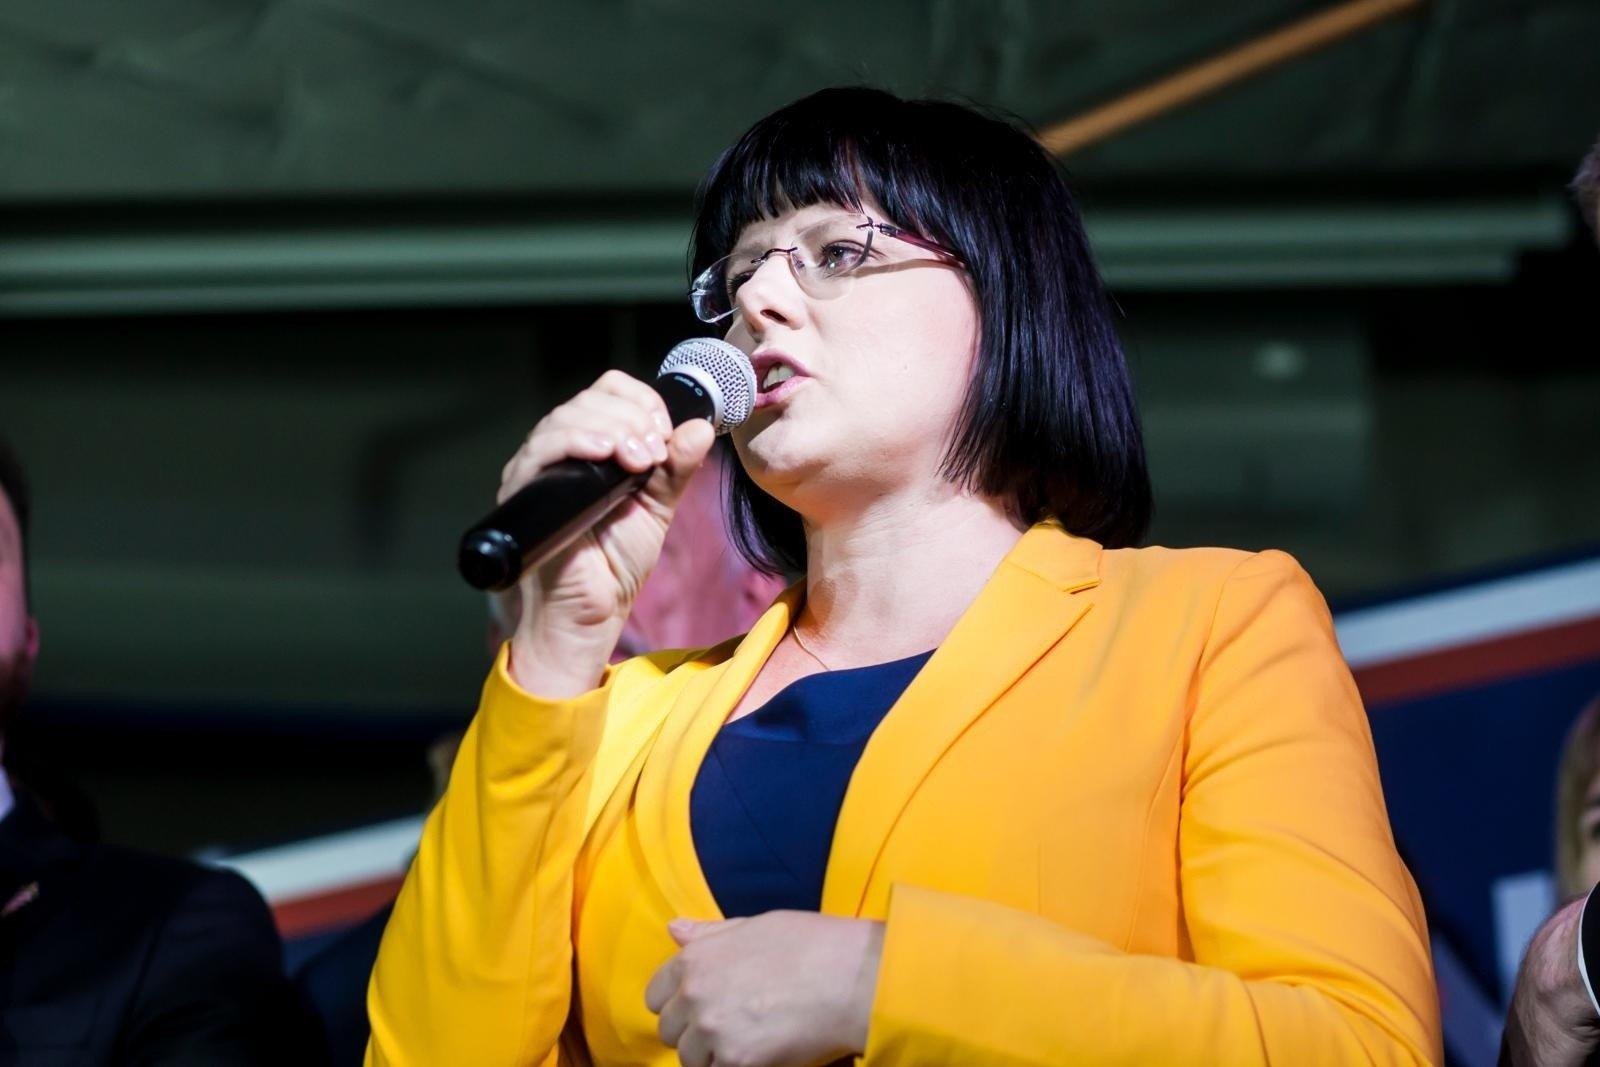 Całkowity zakaz aborcji - projekt wraca do Sejmu. 5 lat więzienia za aborcję? Tego chce Kaja Godek | Polska Times